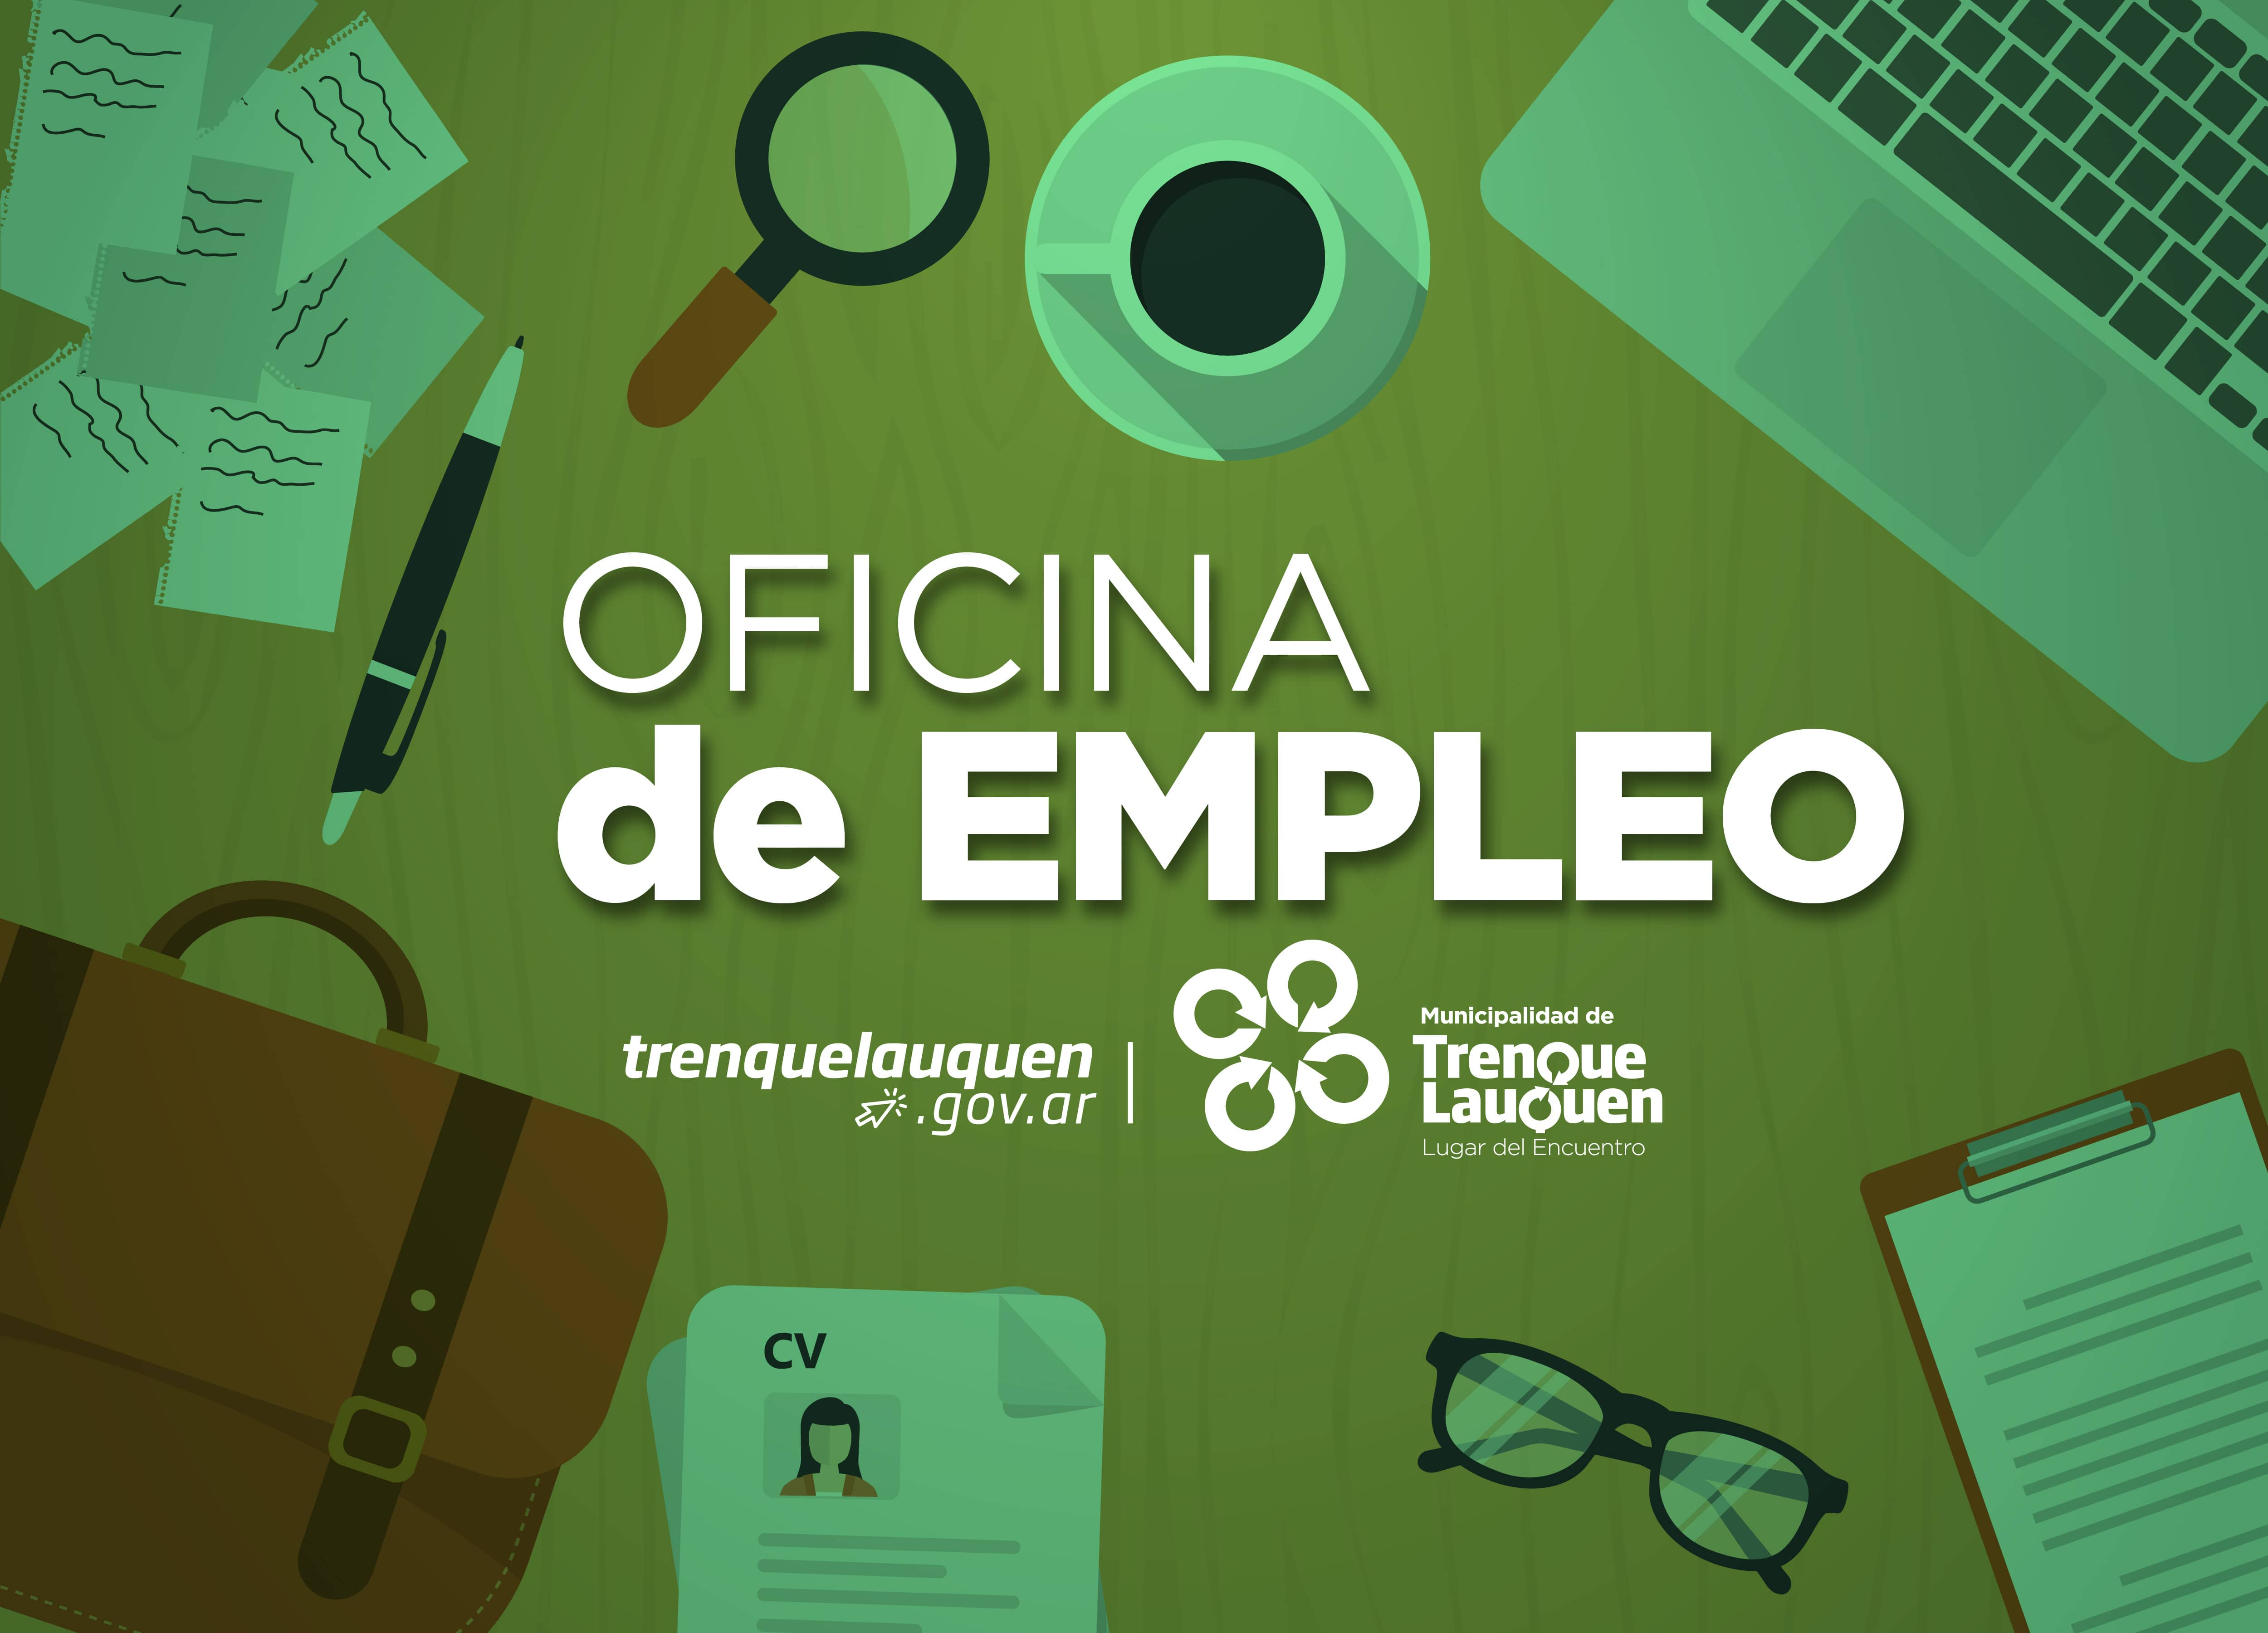 Oficina de empleo 4 municipalidad de trenque lauquen for Oficina de empleo estepa